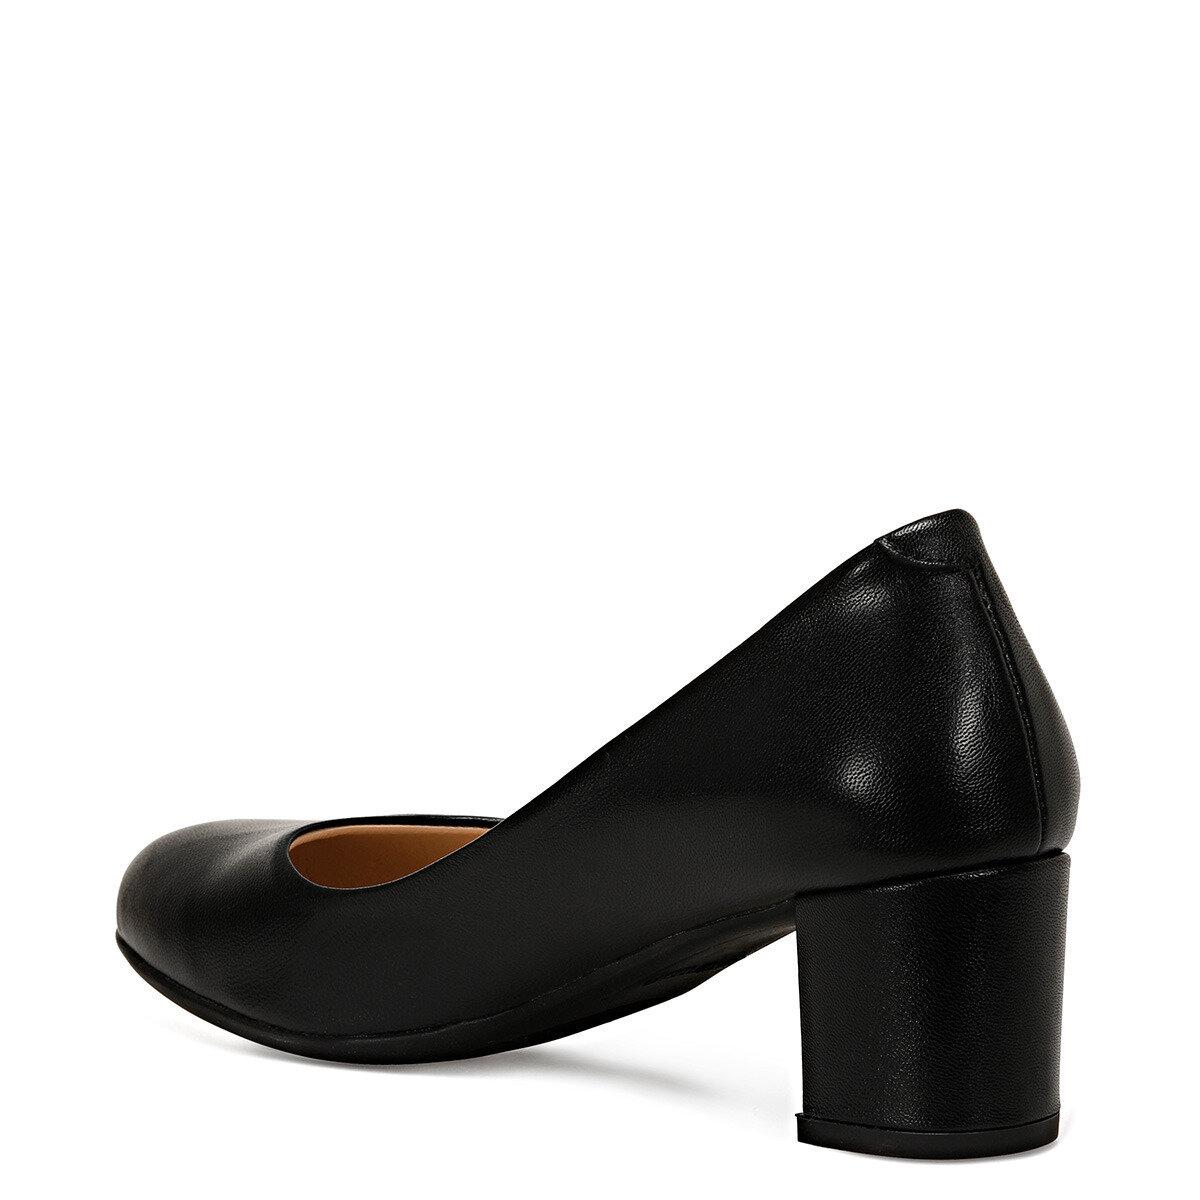 LELAN Siyah Kadın Topuklu Ayakkabı